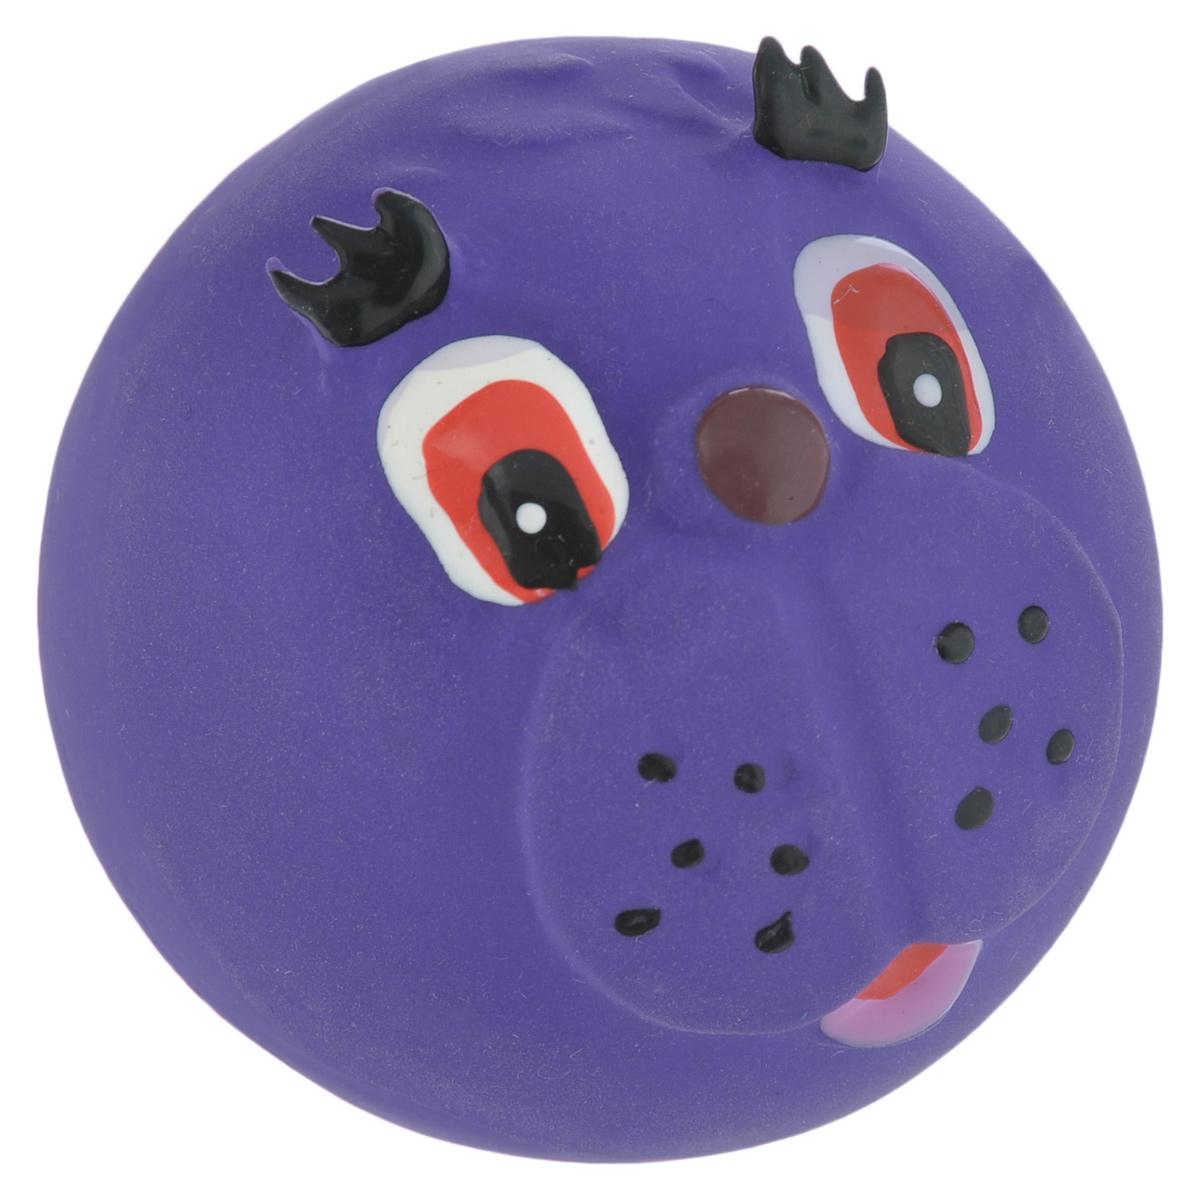 Игрушка для собак I.P.T.S. Мяч с мордочкой, цвет: фиолетовый, диаметр 7 см феникс презент декоративная фигурка из полирезины 7 7x2 3x4 5